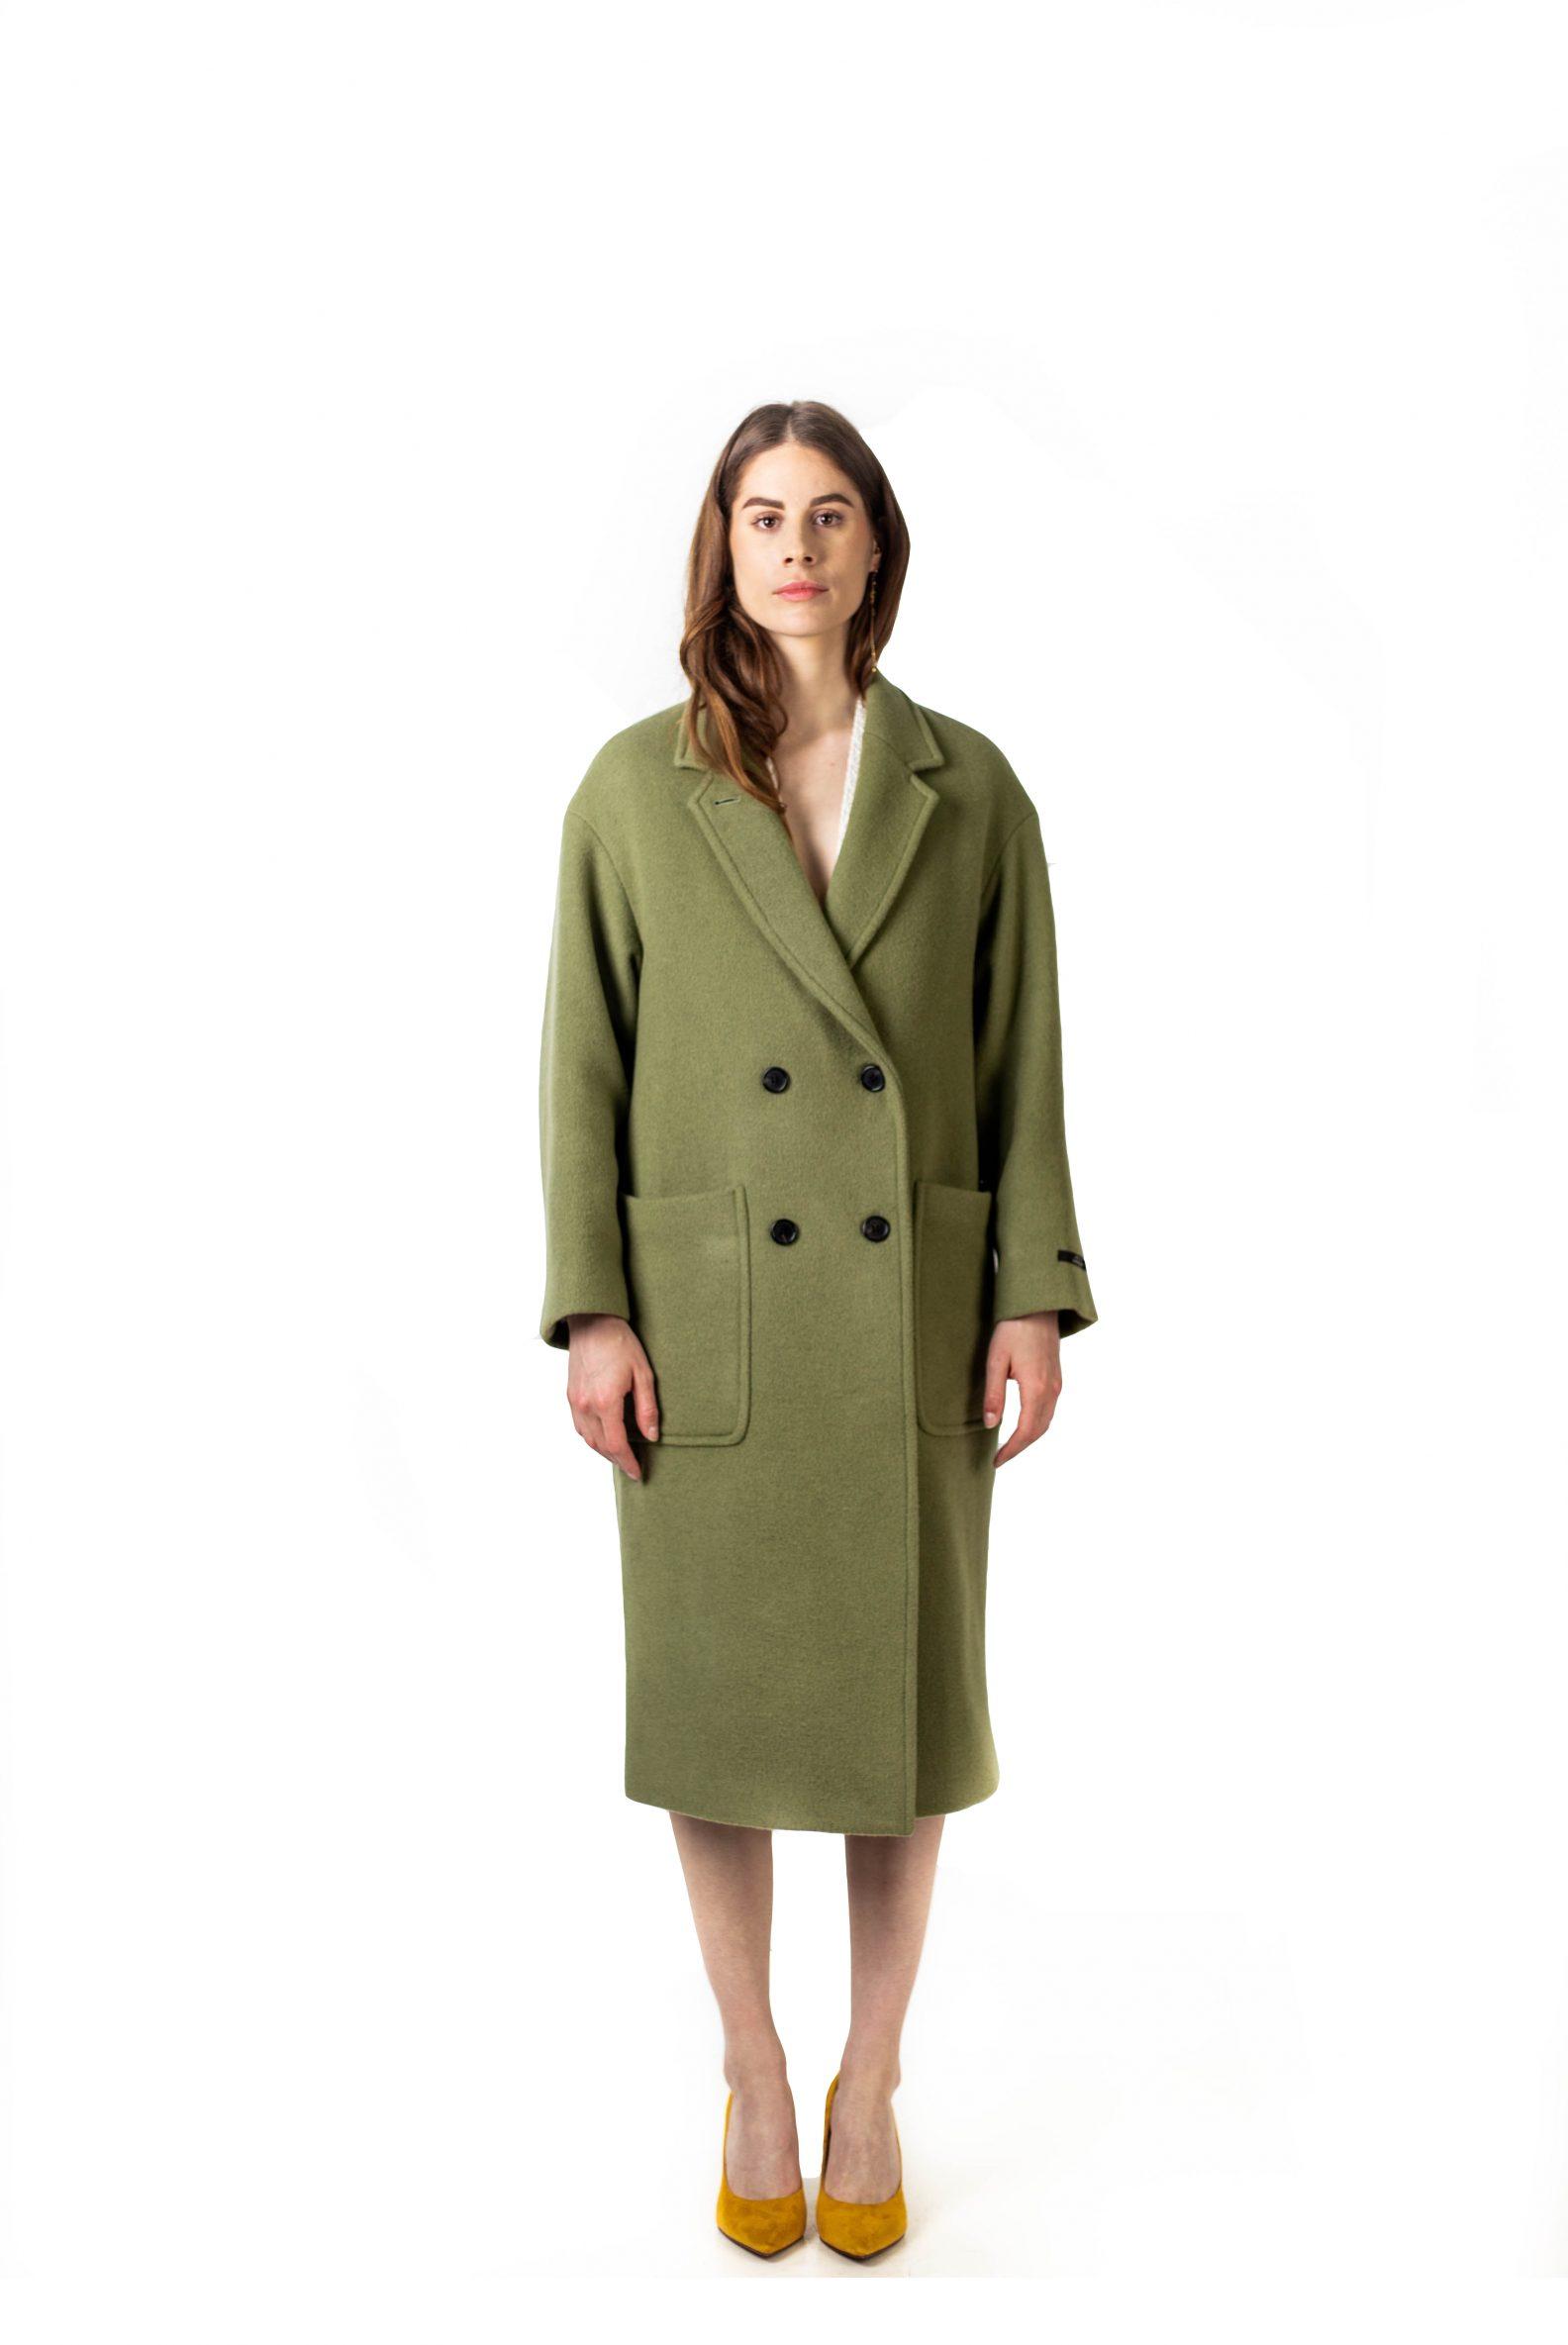 2-manteau-croise-oversize-laine-affaires-etrangeres-paris-mode-coreenne-besides-kimchi-lookast